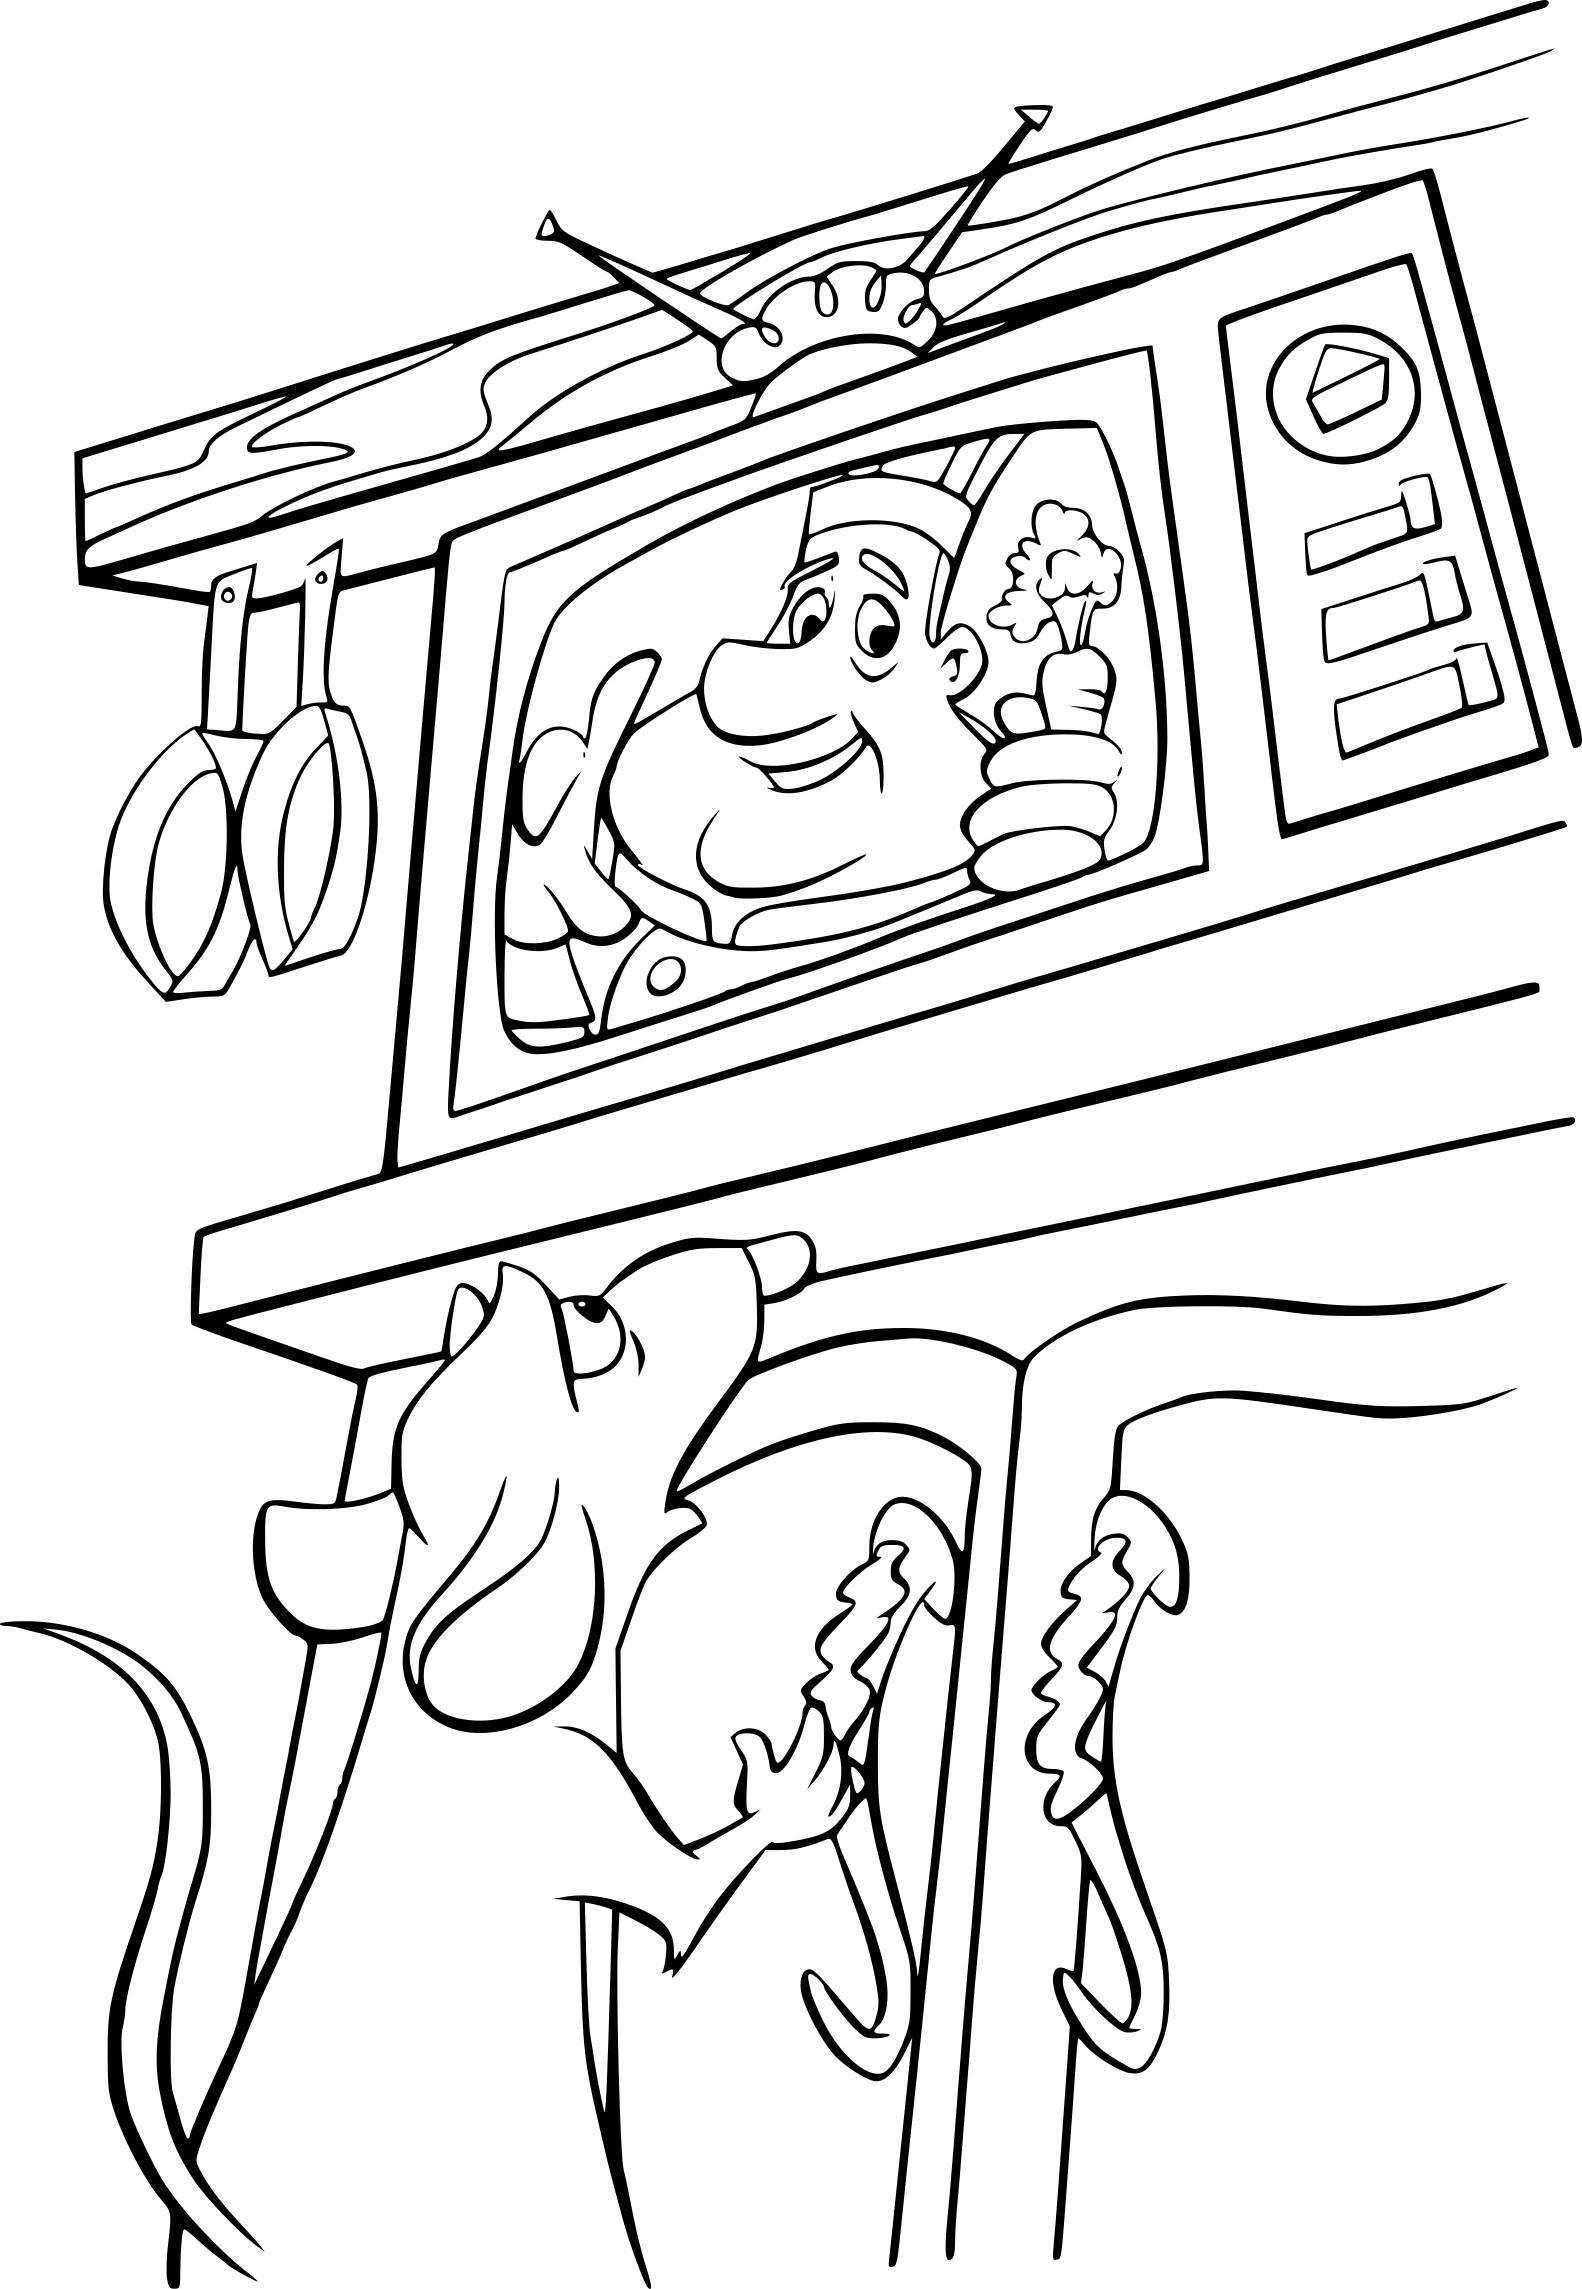 Coloriage Rauille Remy Dessin À Imprimer Sur Coloriages concernant Dessin Ratatouille